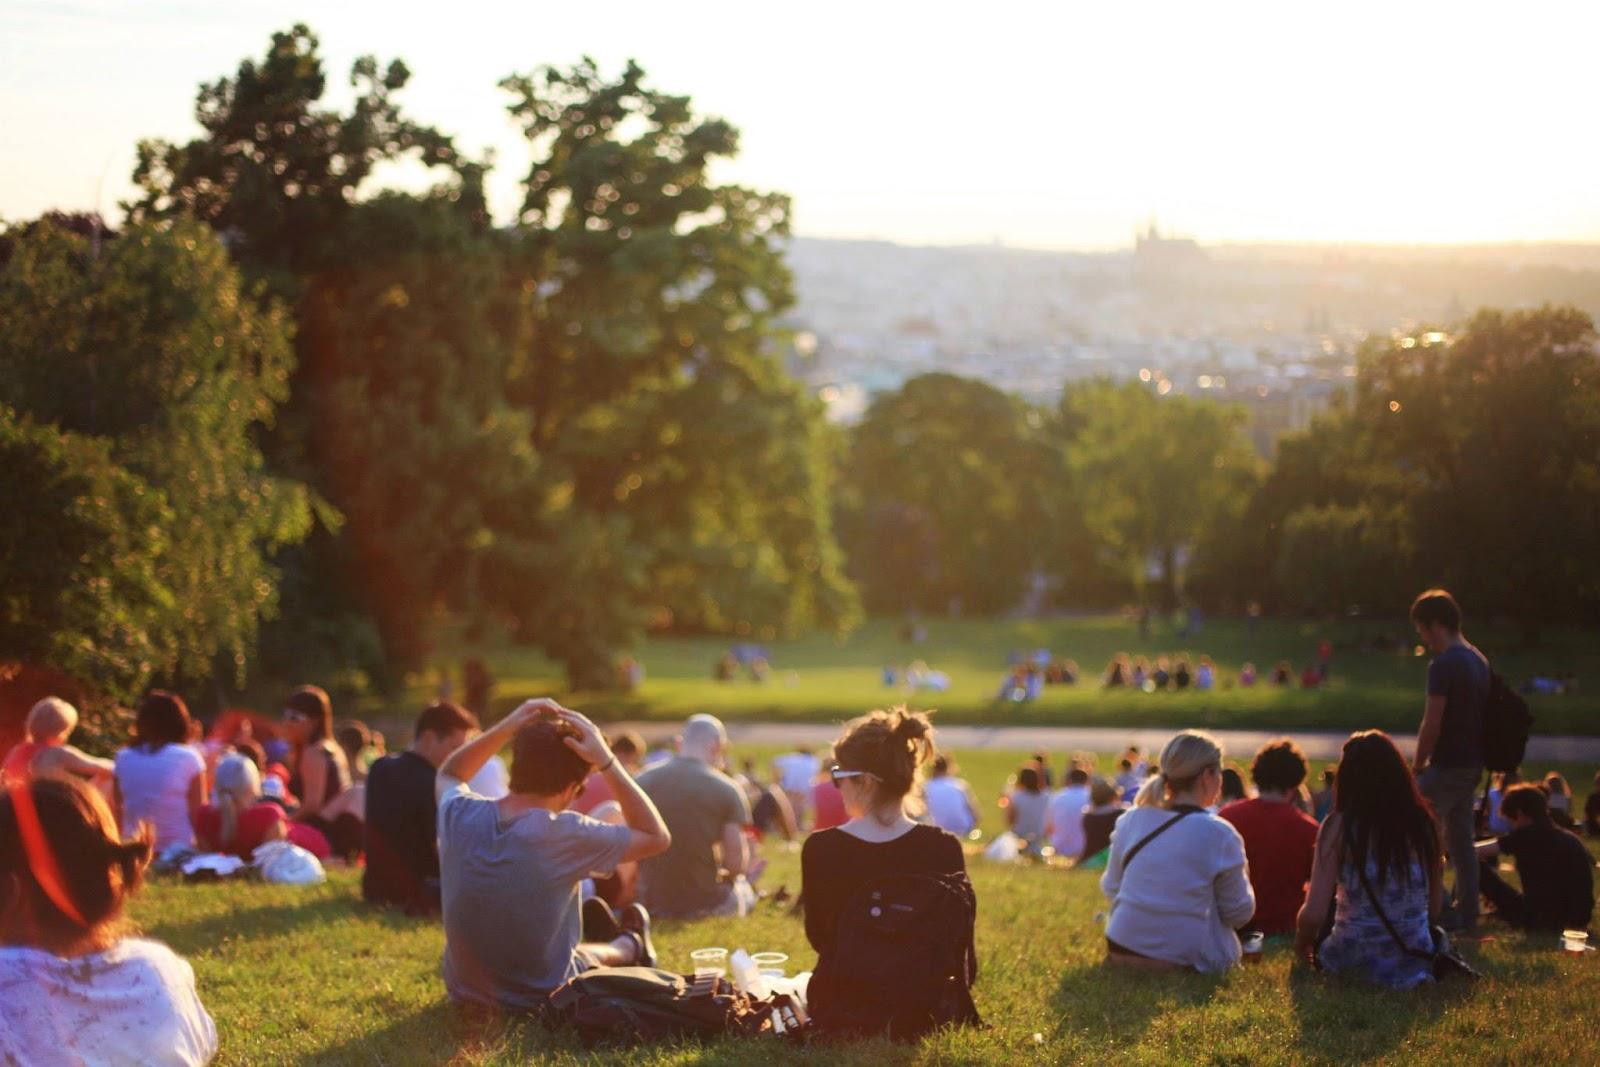 Millennials sit in a park